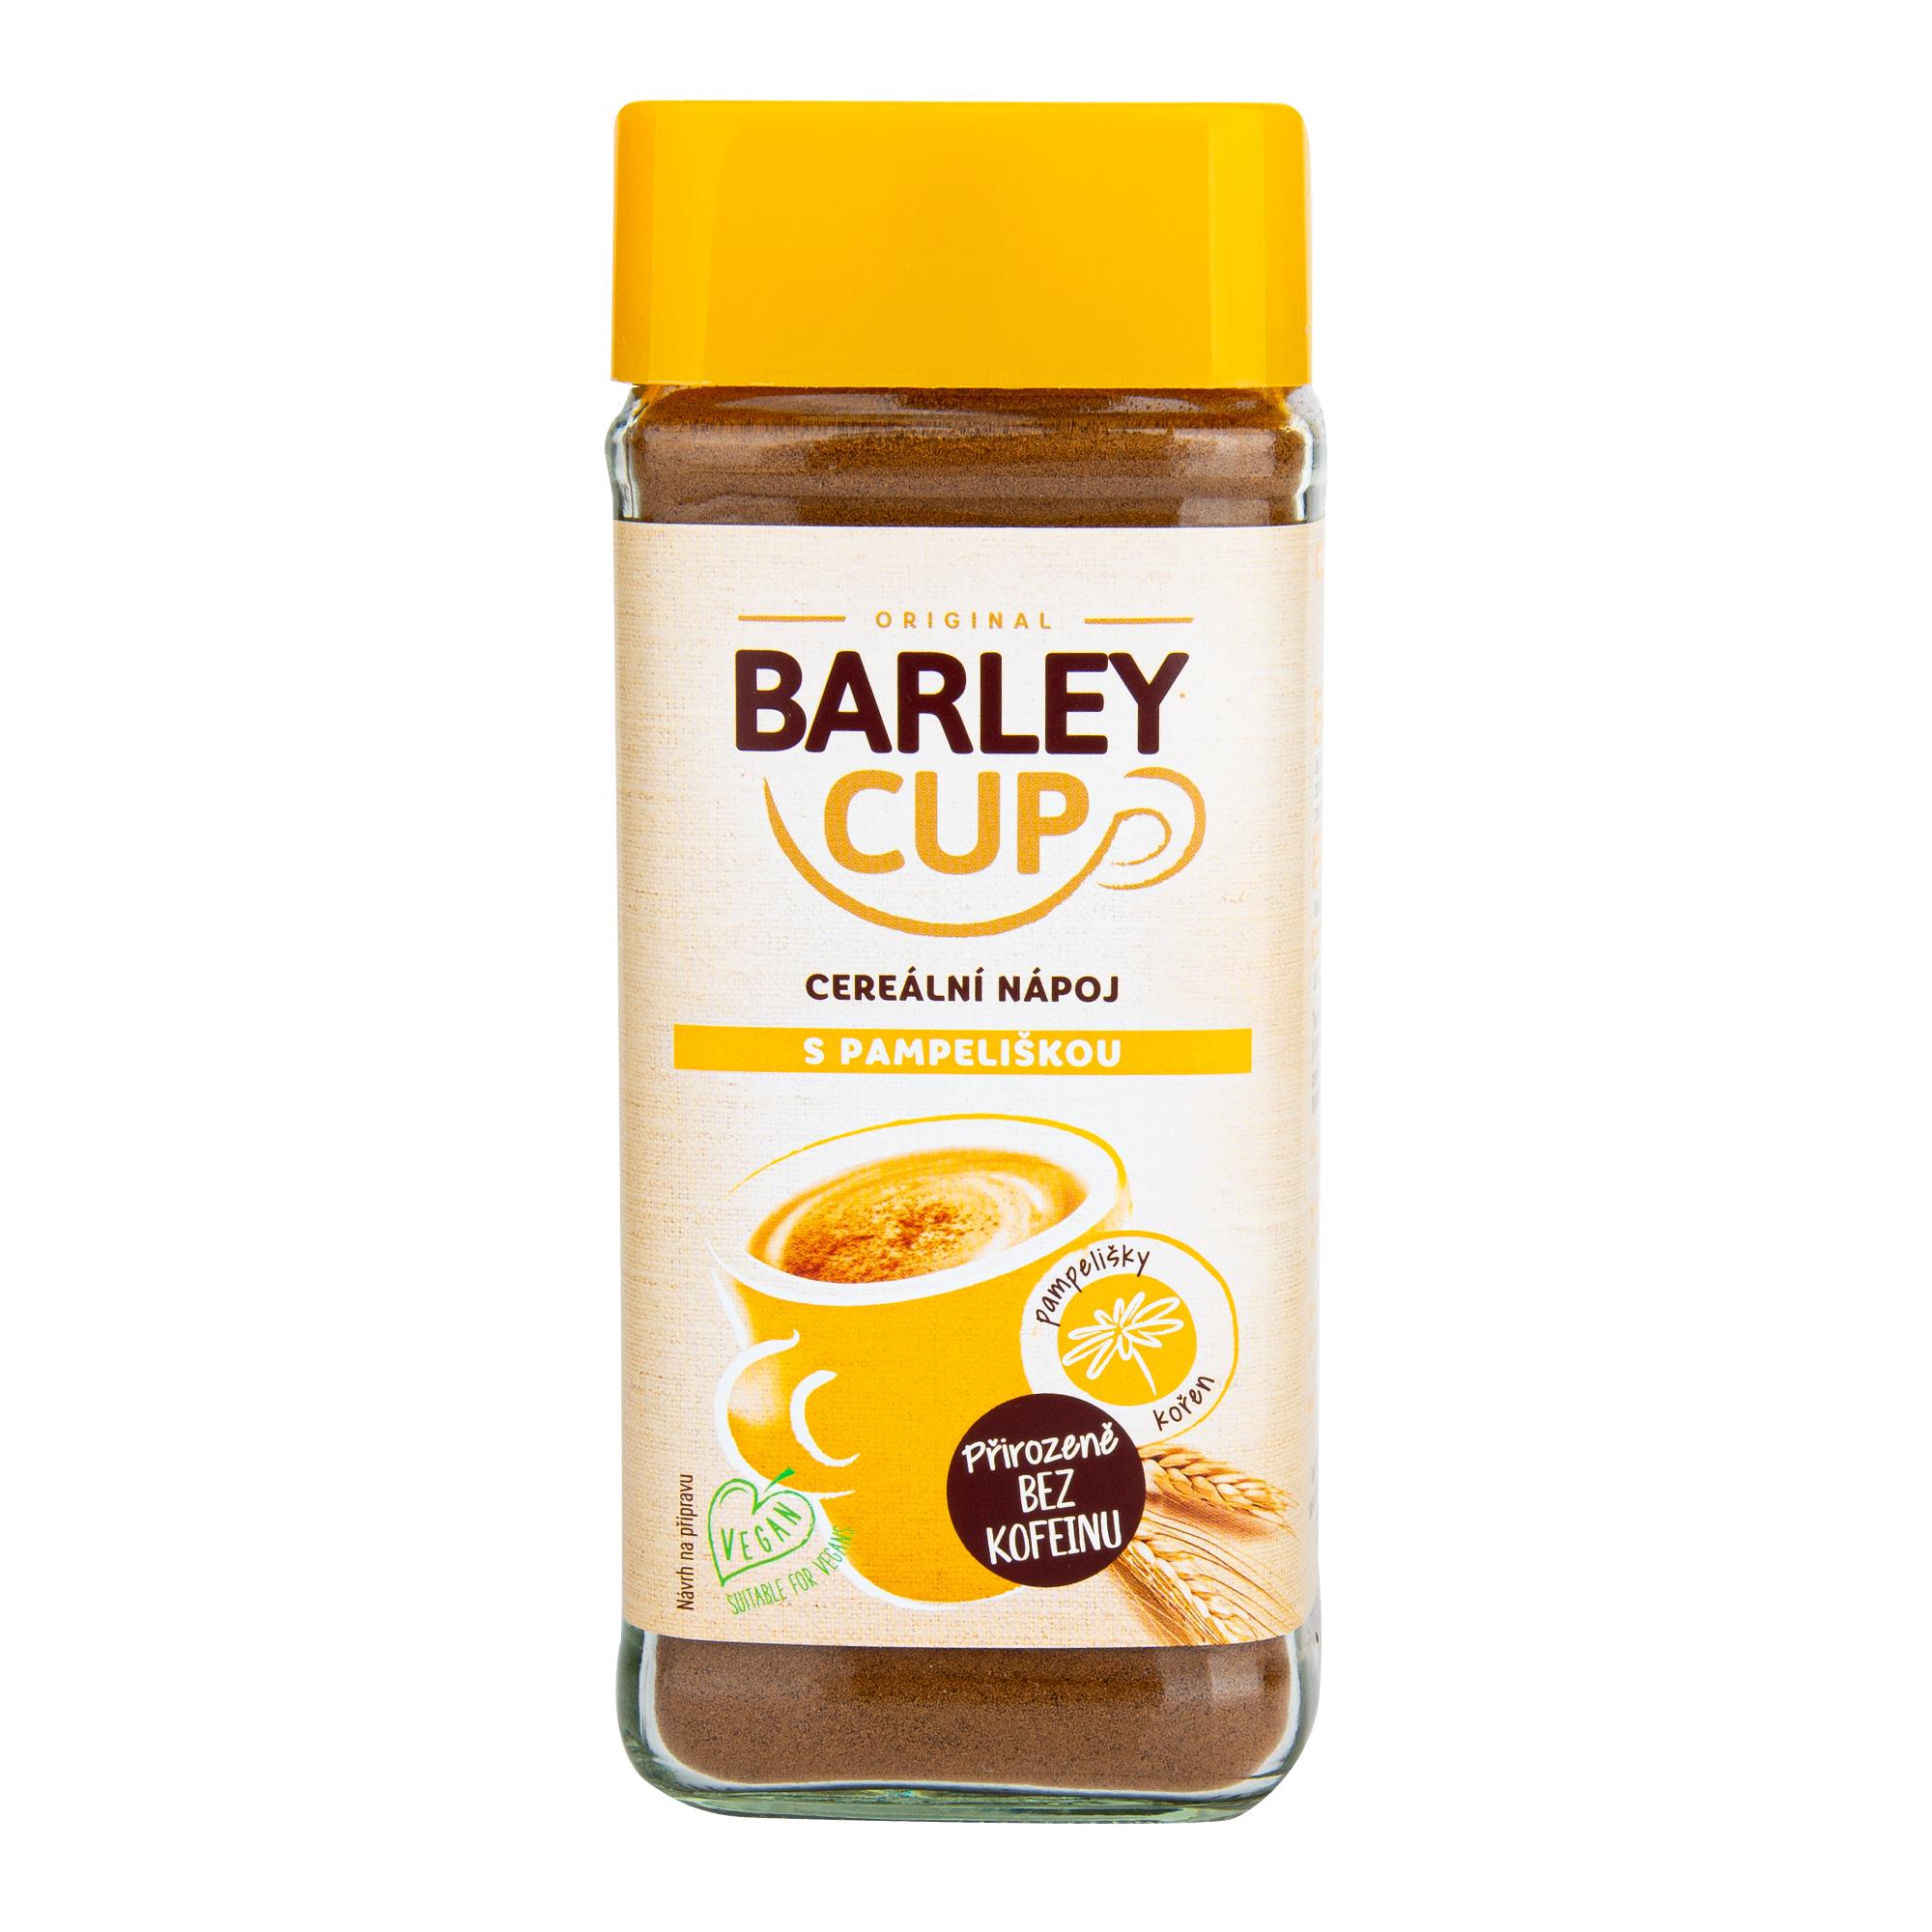 Káva obilná s pampeliškou 100g